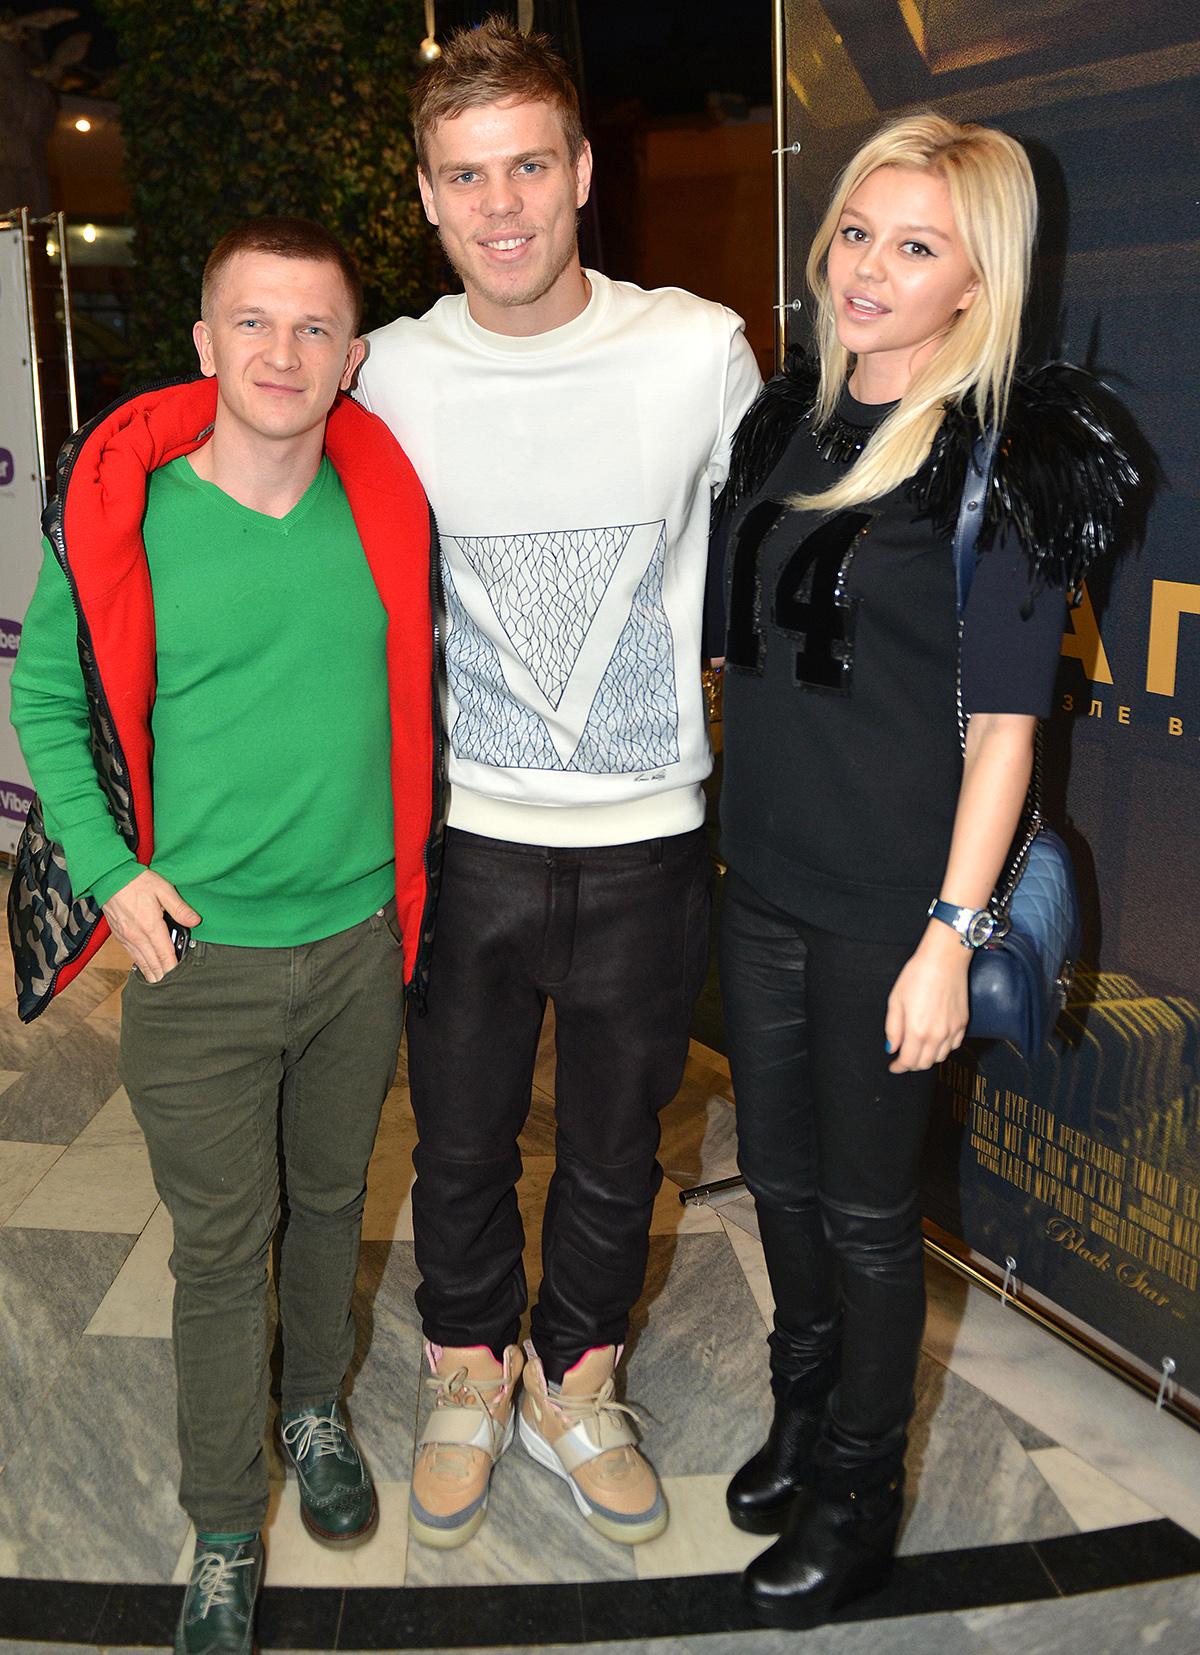 Александр Кокорин со своей девушкой Дарьей Валитовой и генеральным директором Black Star Пашу на премьере фильма «Капсула» 10 декабря